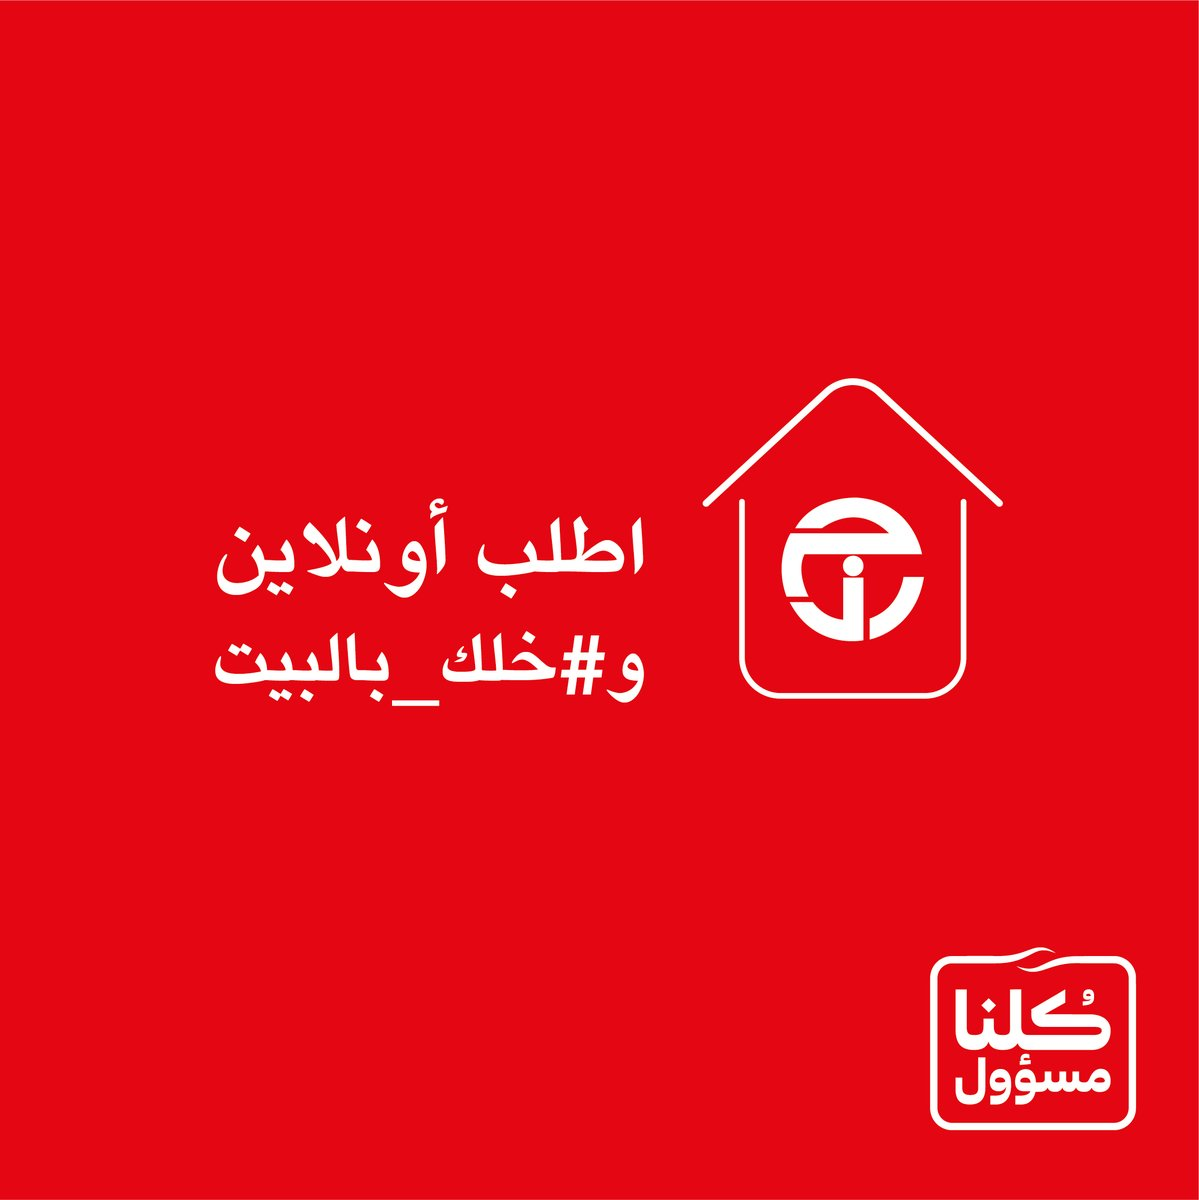 مكتبة جرير Sur Twitter اطلب اونلاين من Https T Co Tnpvi5ehkr مع خدمة التوصيل المجانية خلك فالبيت